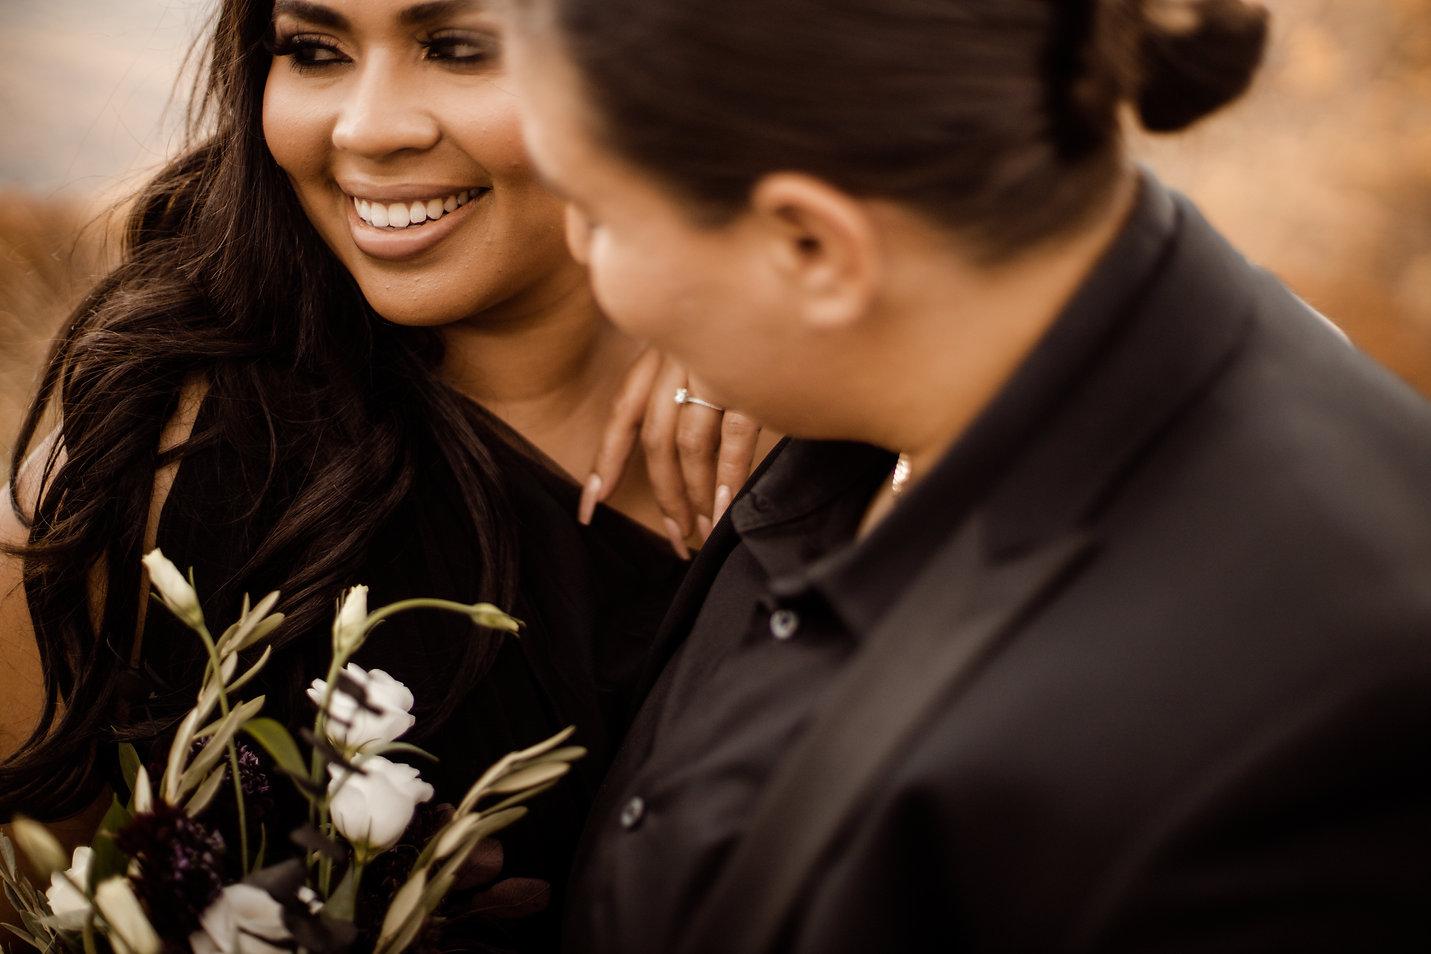 WendyIliana-Engagement10.23.2020-ASPHOTOGRAPHY-3281.JPG